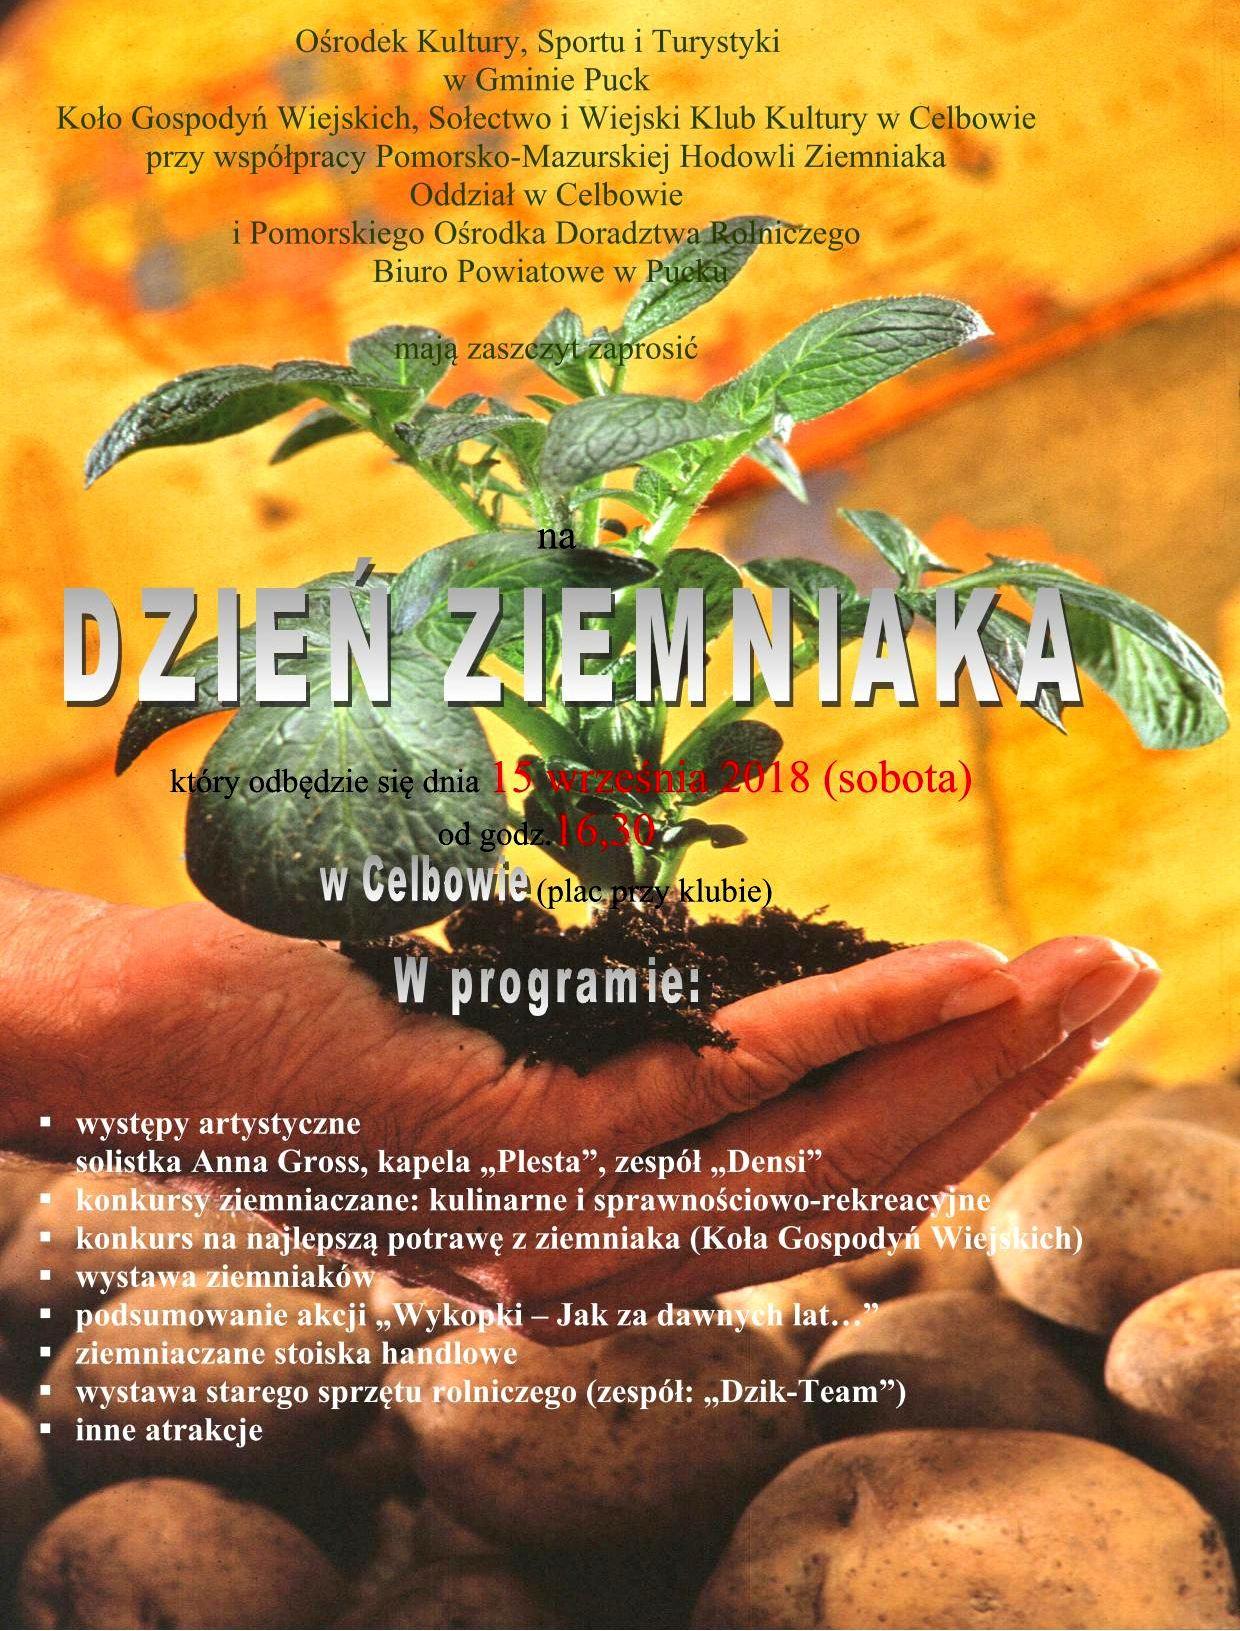 Dzień Ziemniaka 2018 zaproszenie_01